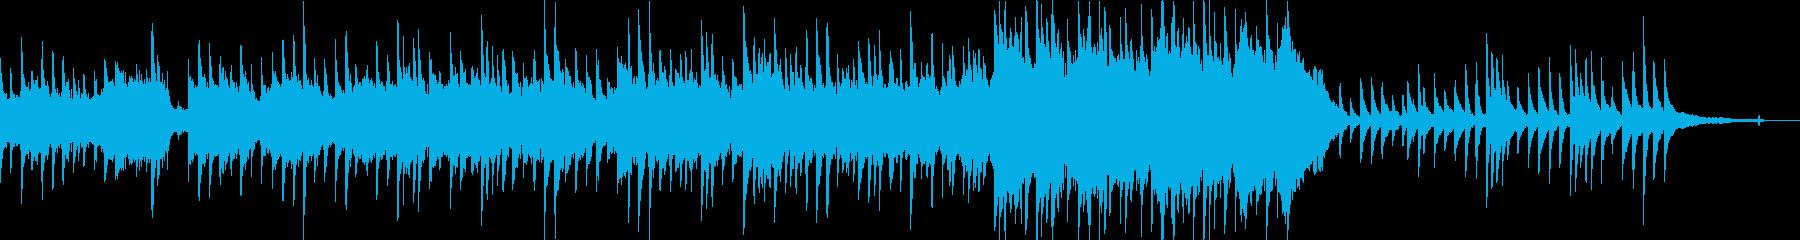 ピアノと弦カルテットの悲しい曲の再生済みの波形